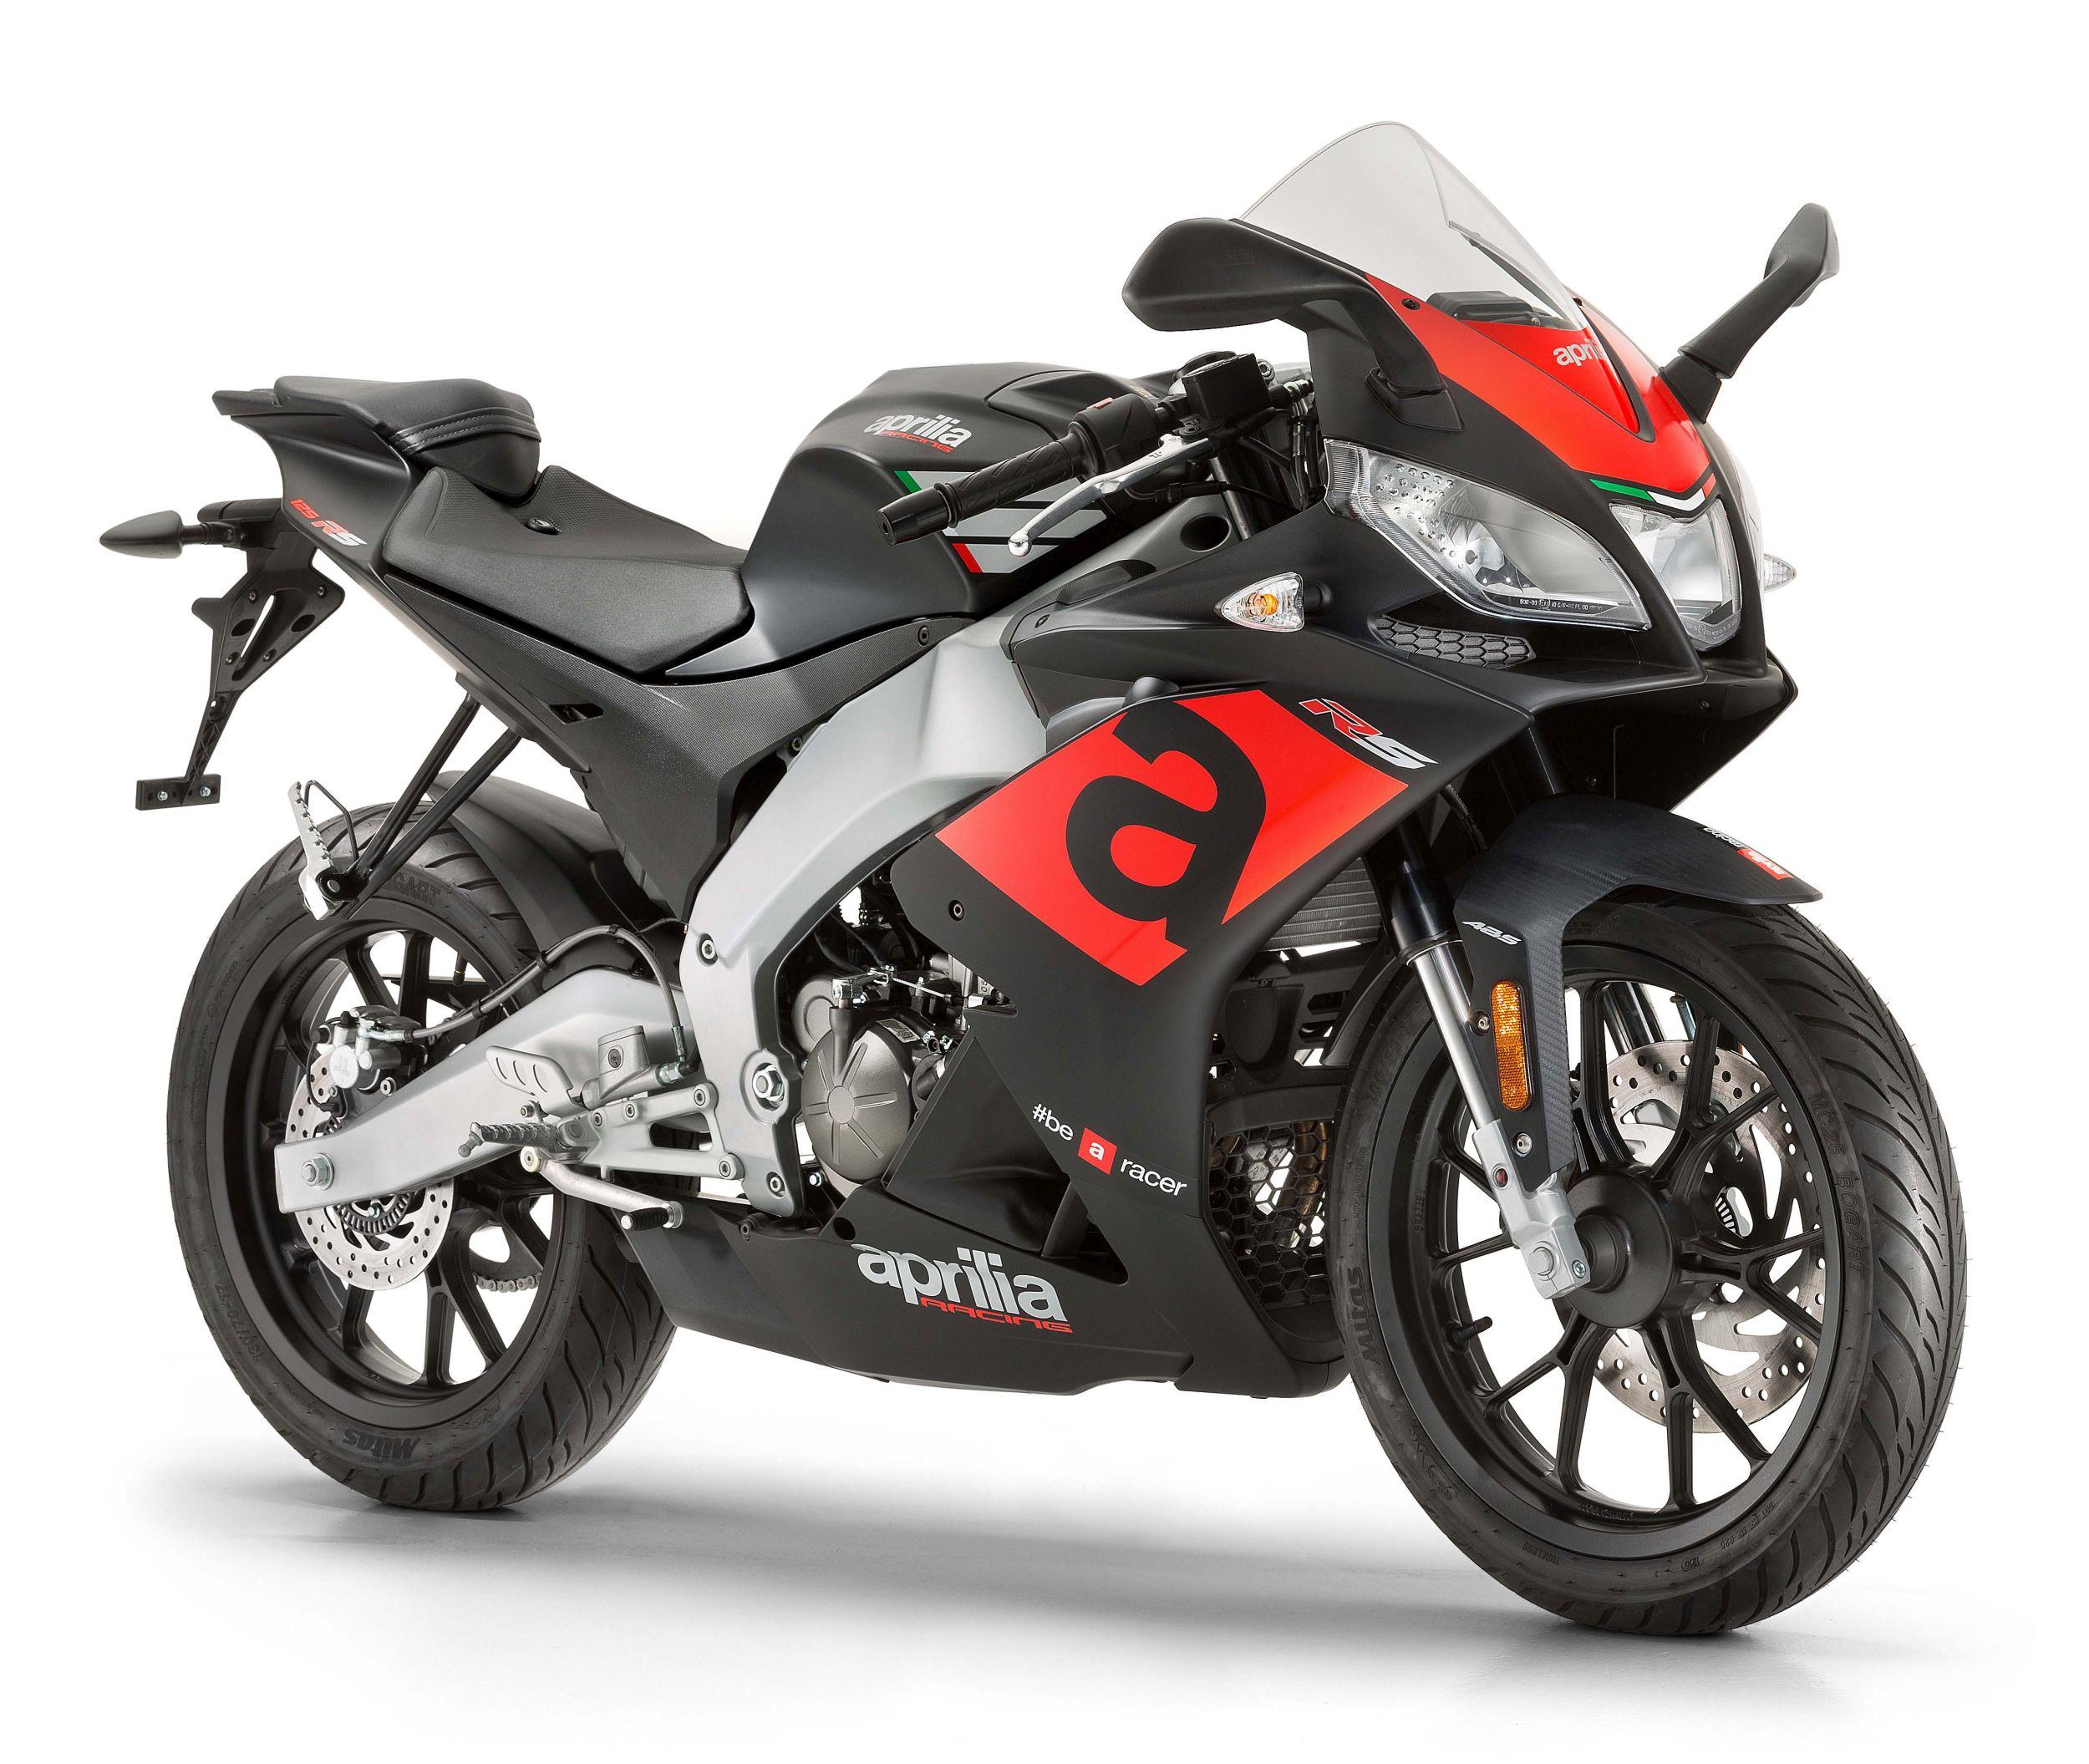 Gebrauchte und neue Aprilia RS 125 ABS Motorräder kaufen  Datenblatt Von Abs Terluran H 110